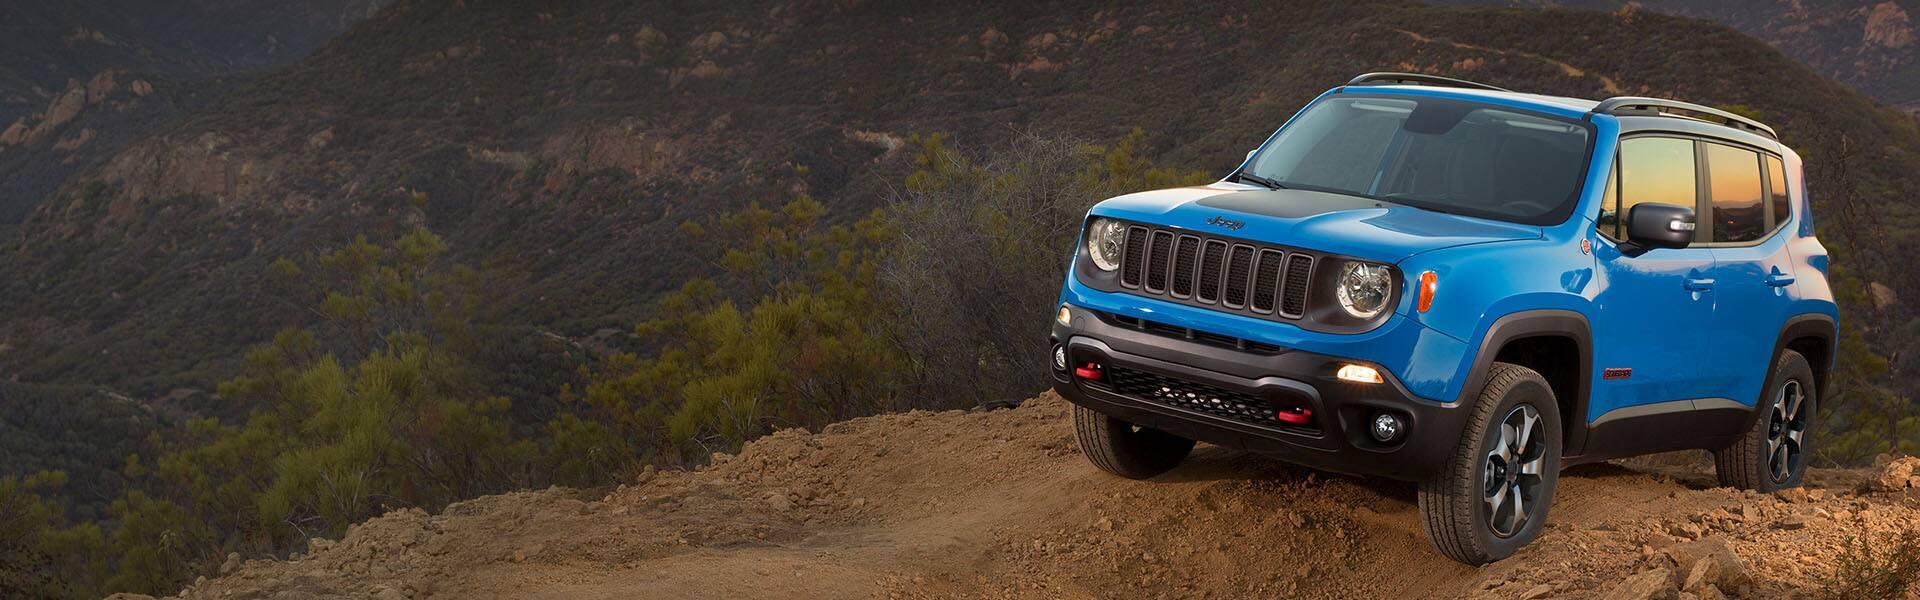 El Jeep Renegade Trailhawk 2021 en un camino de tierra en las montañas.